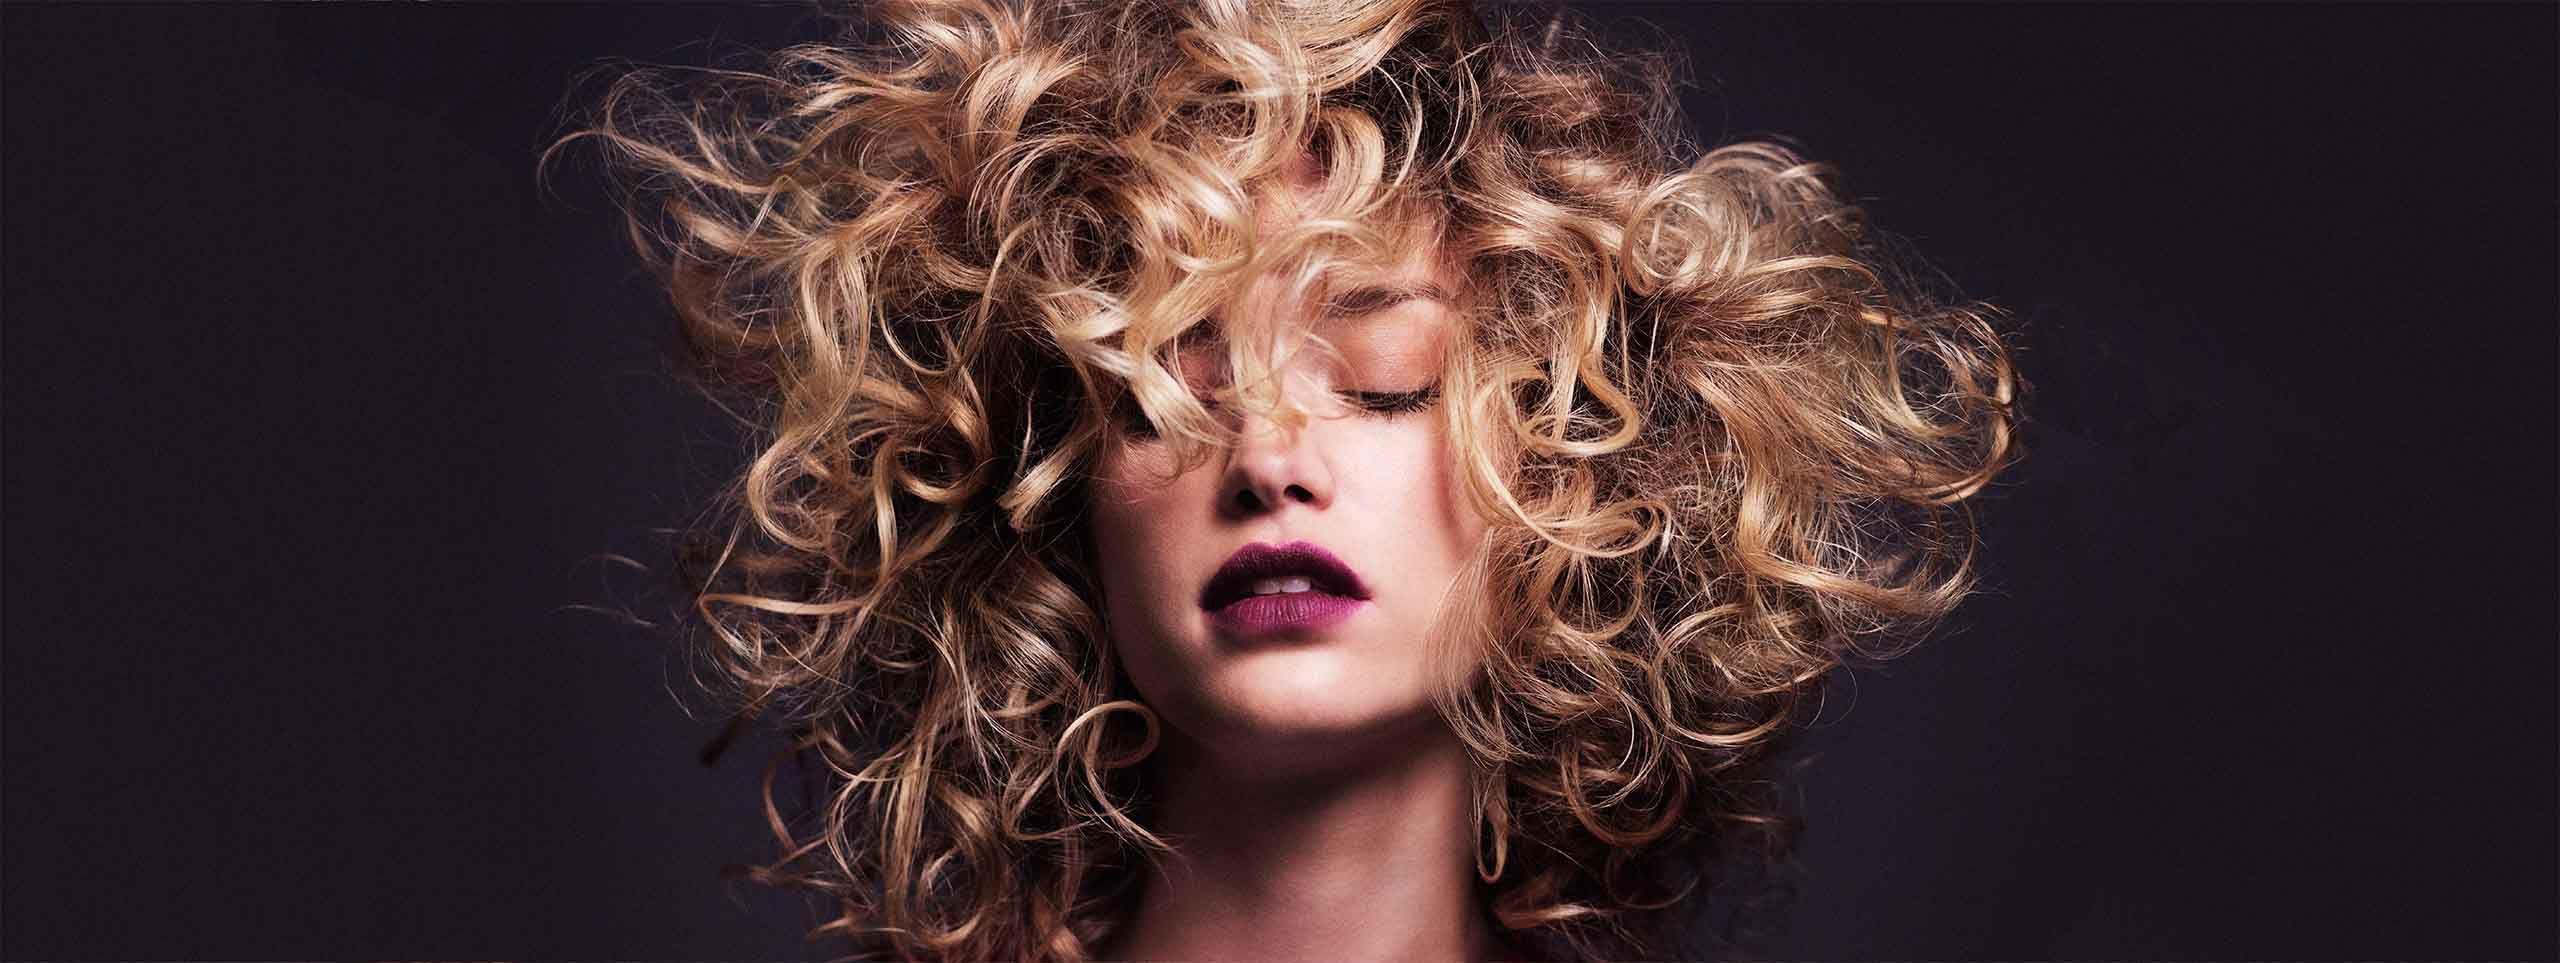 Ženska s trajno skodranimi lasmi